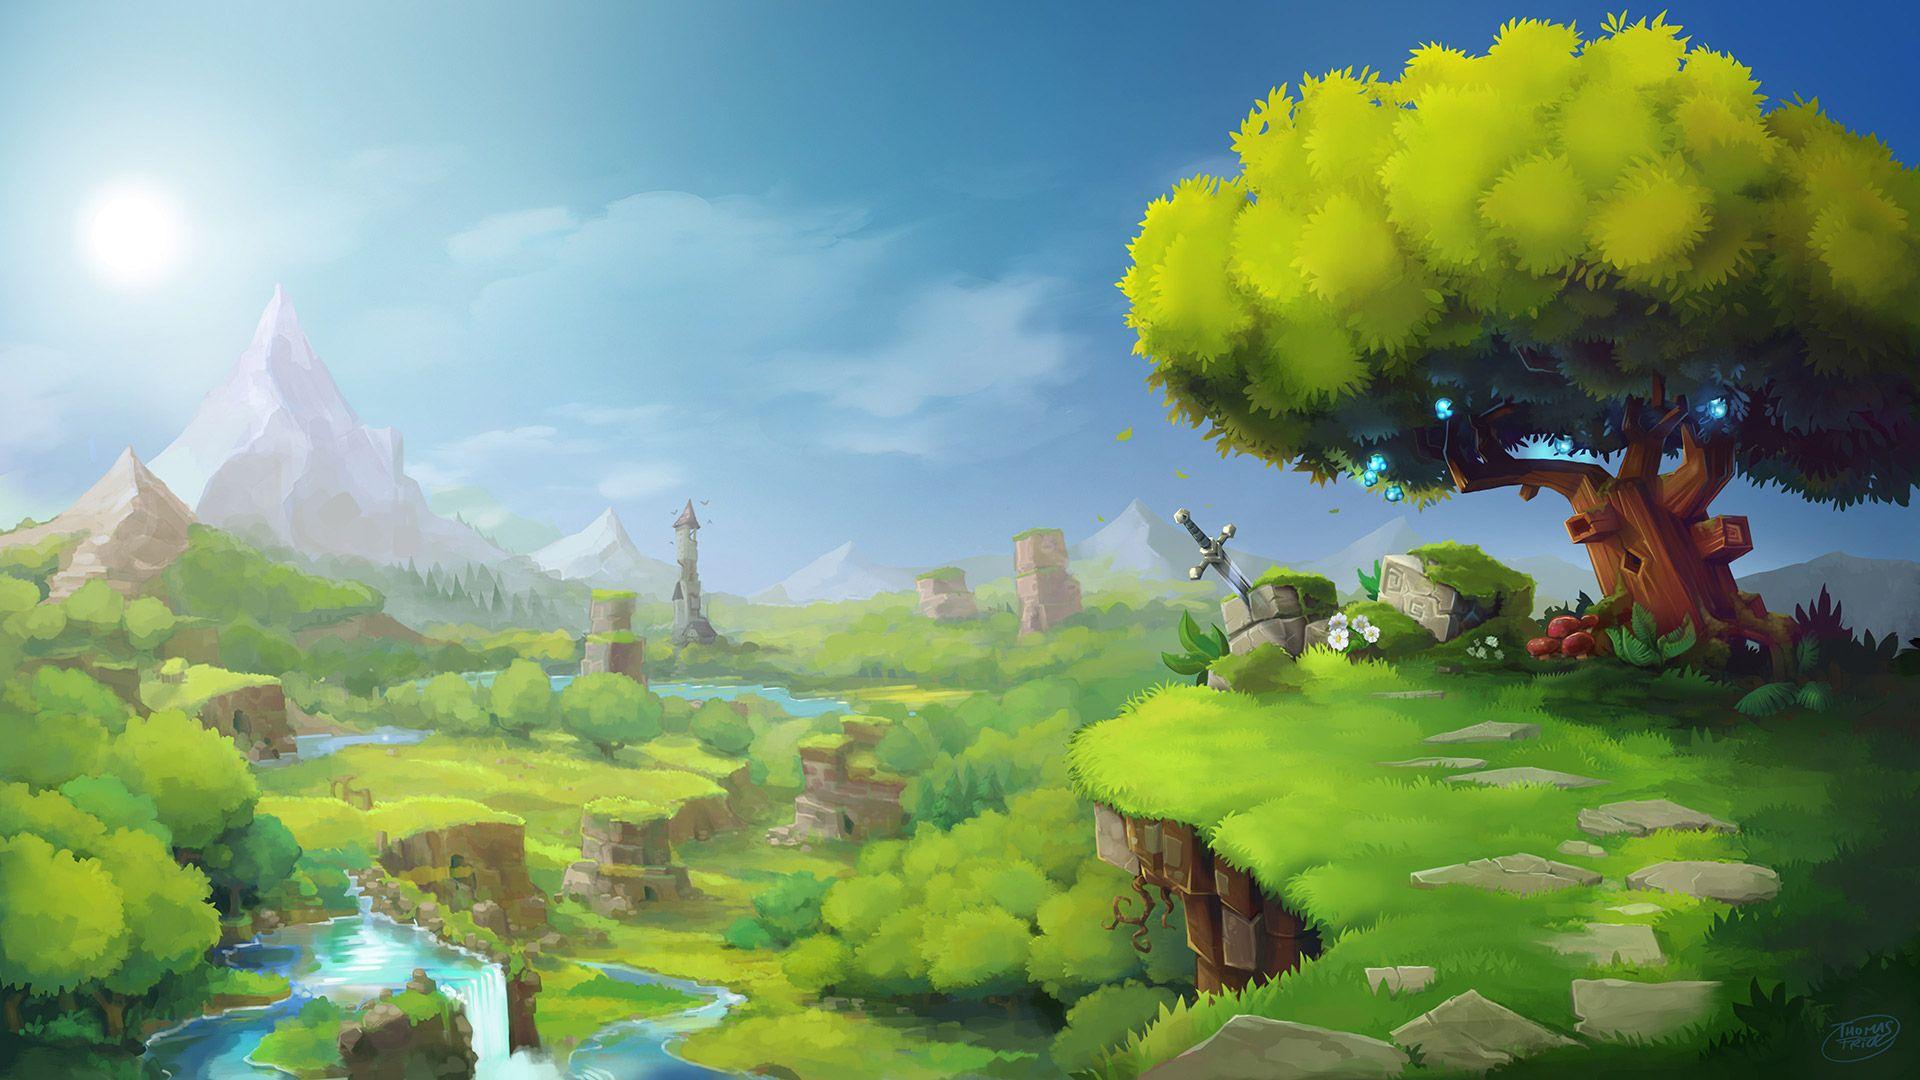 Wallpaper de Hytale réaliser par Hypixel Studio | Hytale